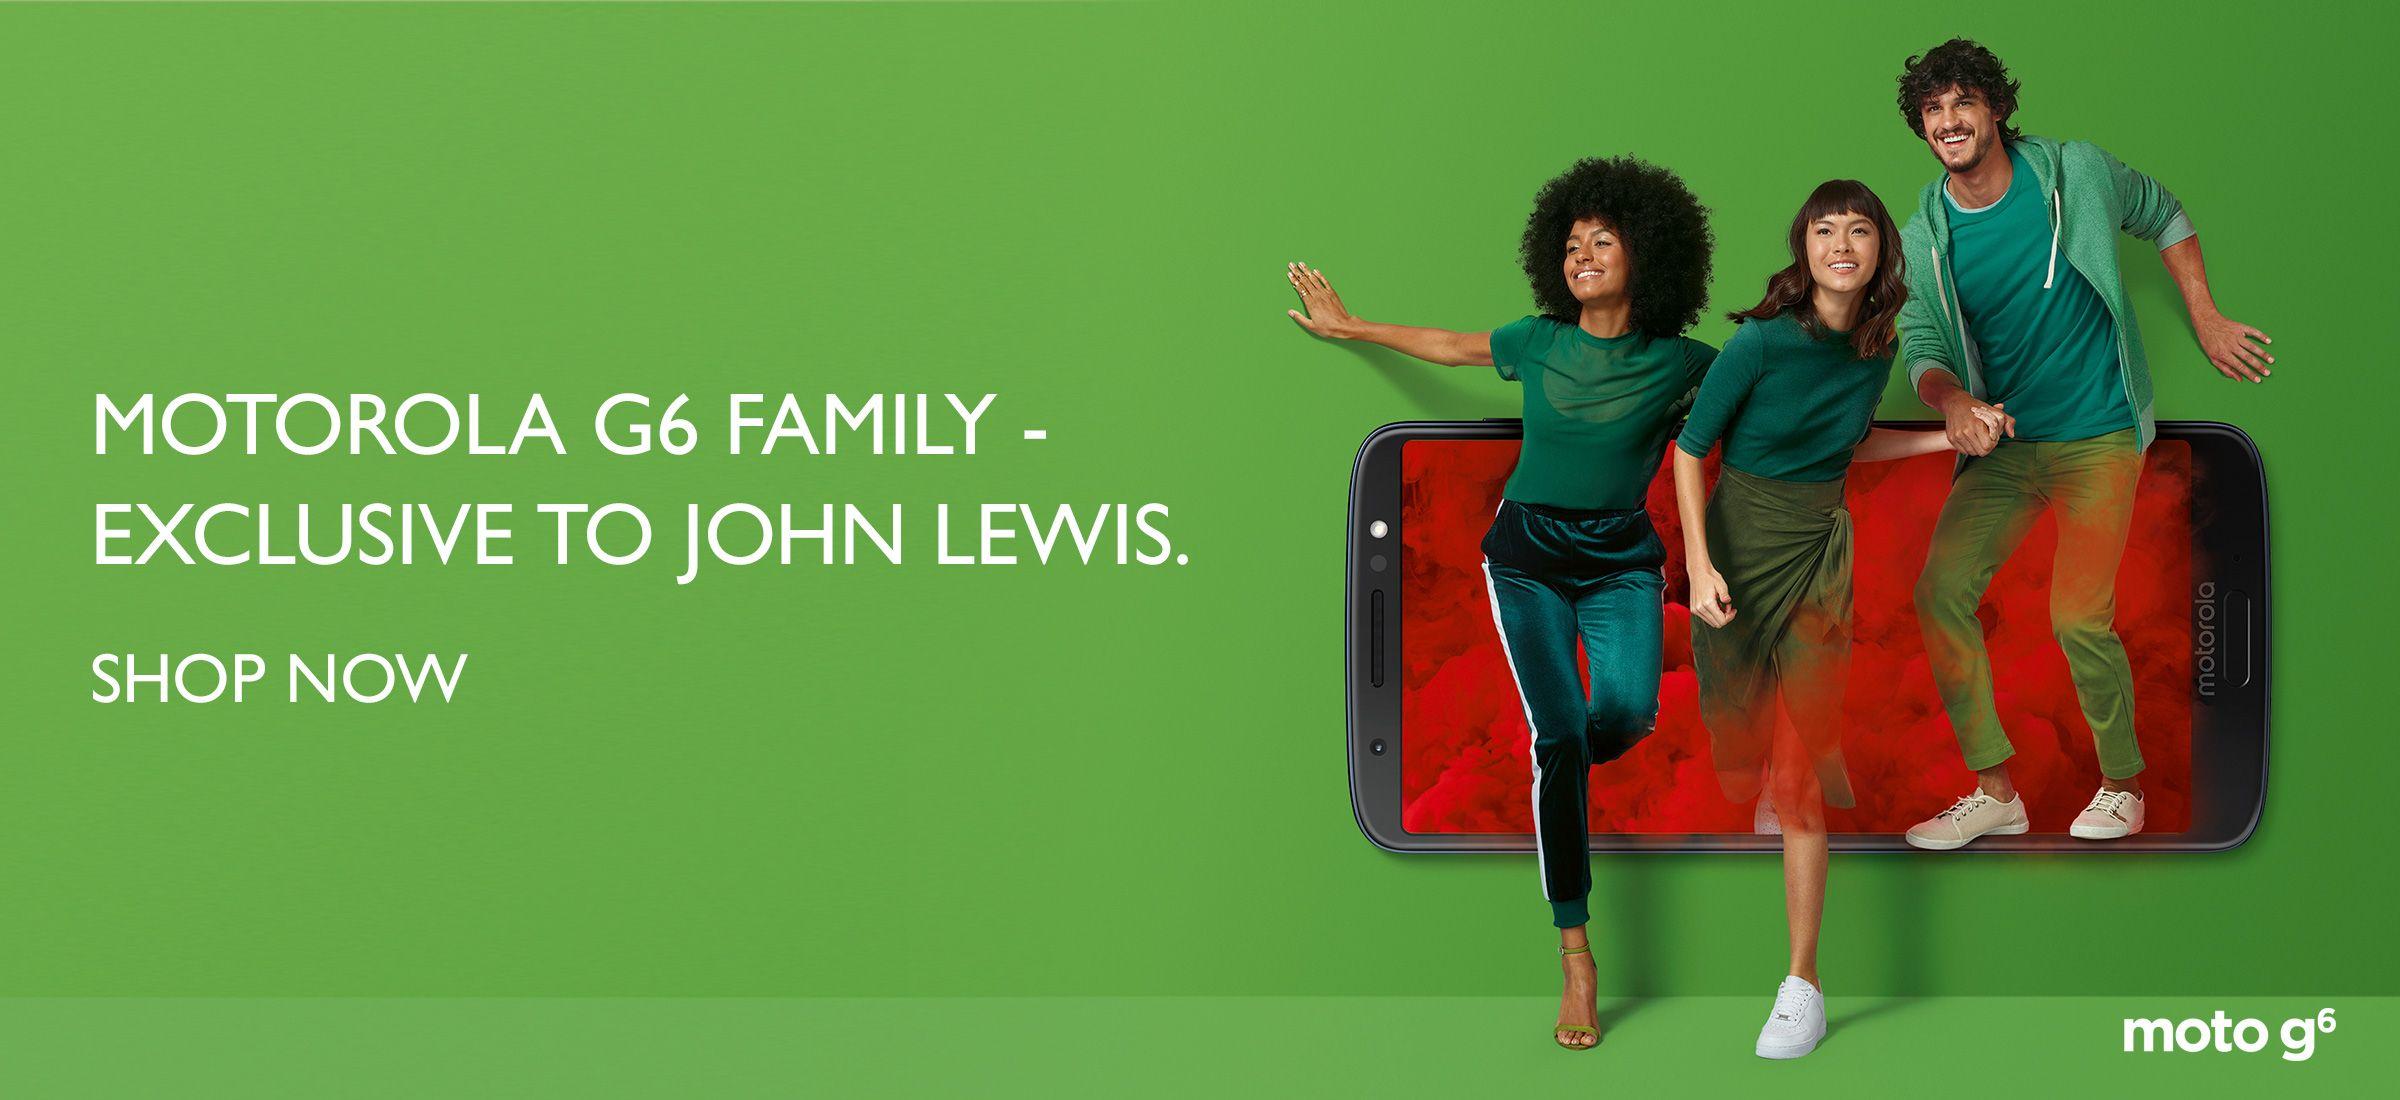 Mobile Phones & Accessories | iPhone | SIM Free